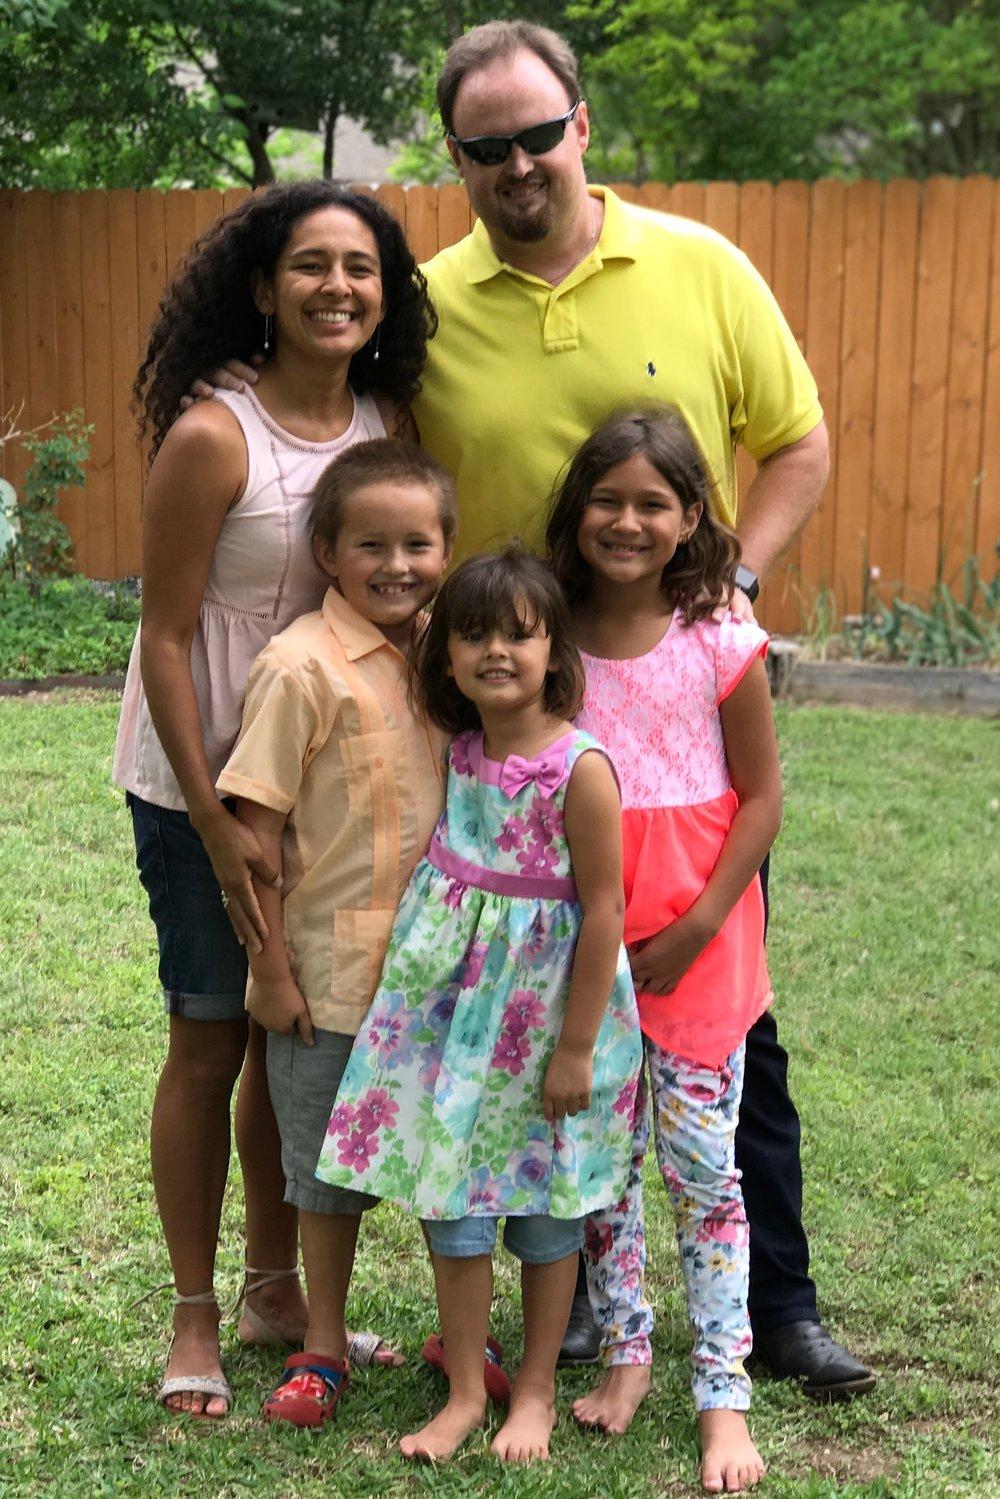 donna family.jpg